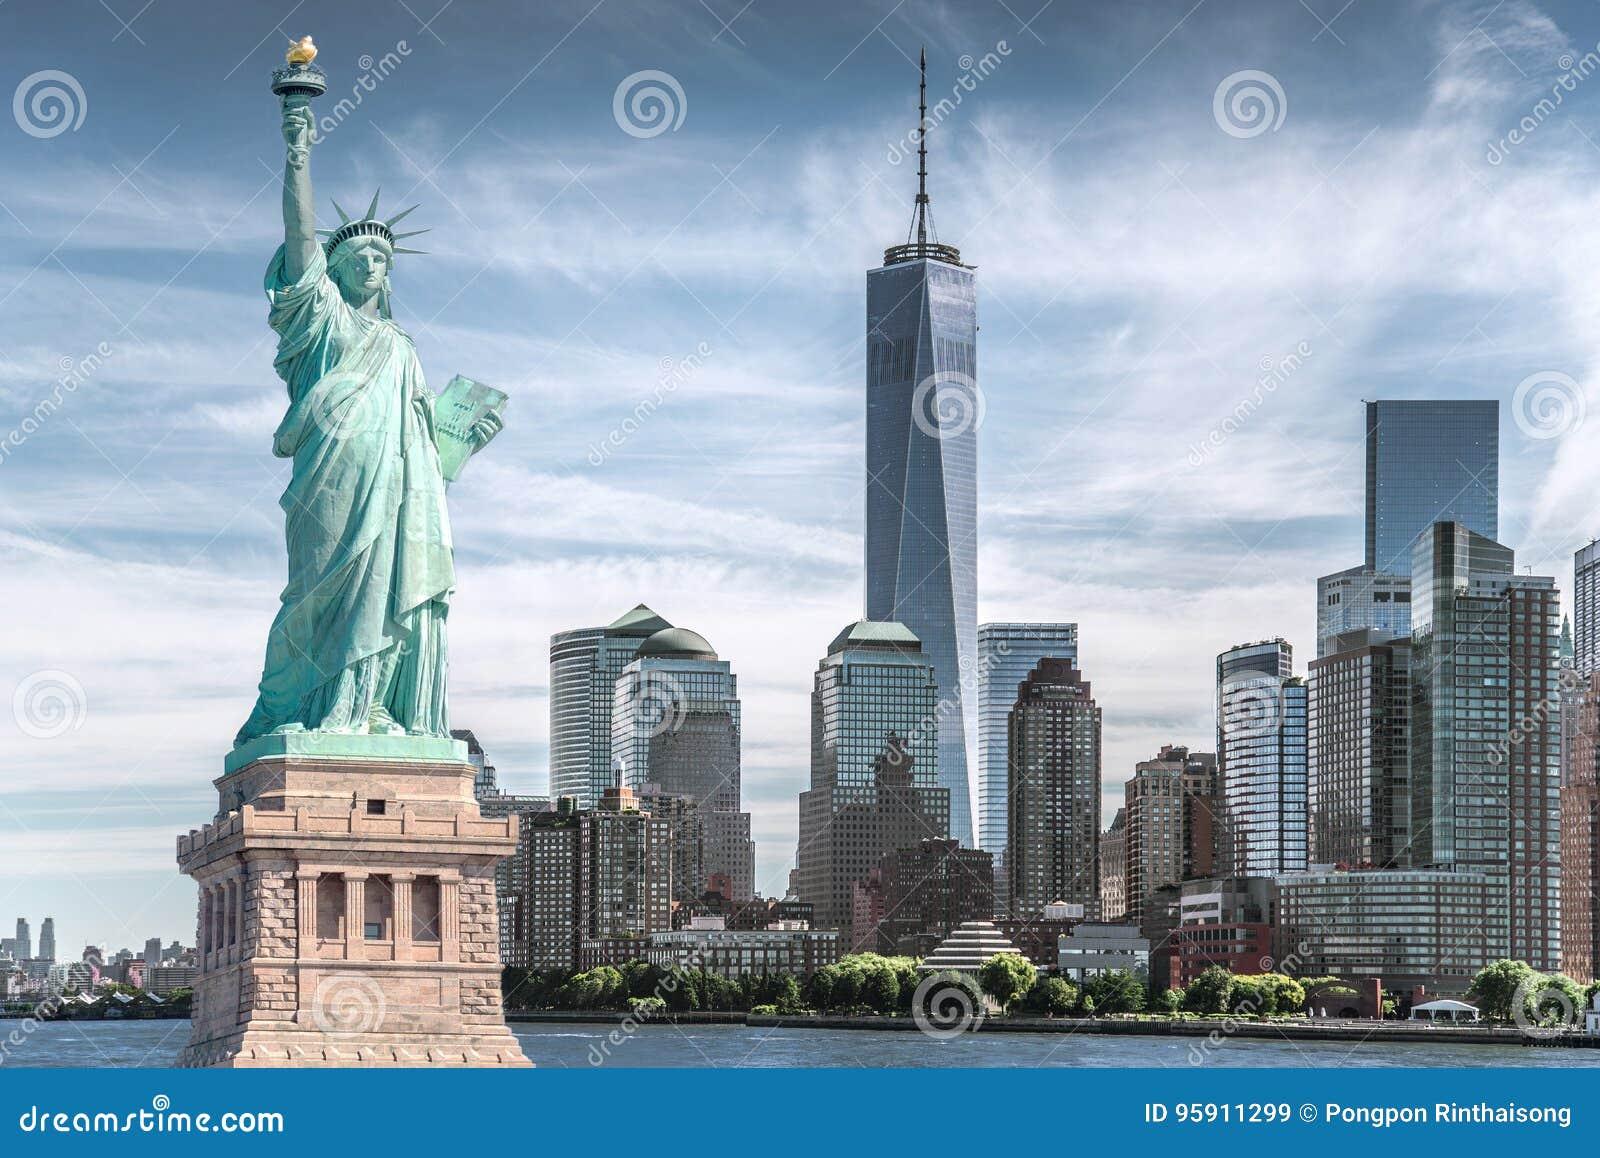 Το άγαλμα της ελευθερίας με το υπόβαθρο του World Trade Center, ορόσημα της πόλης της Νέας Υόρκης